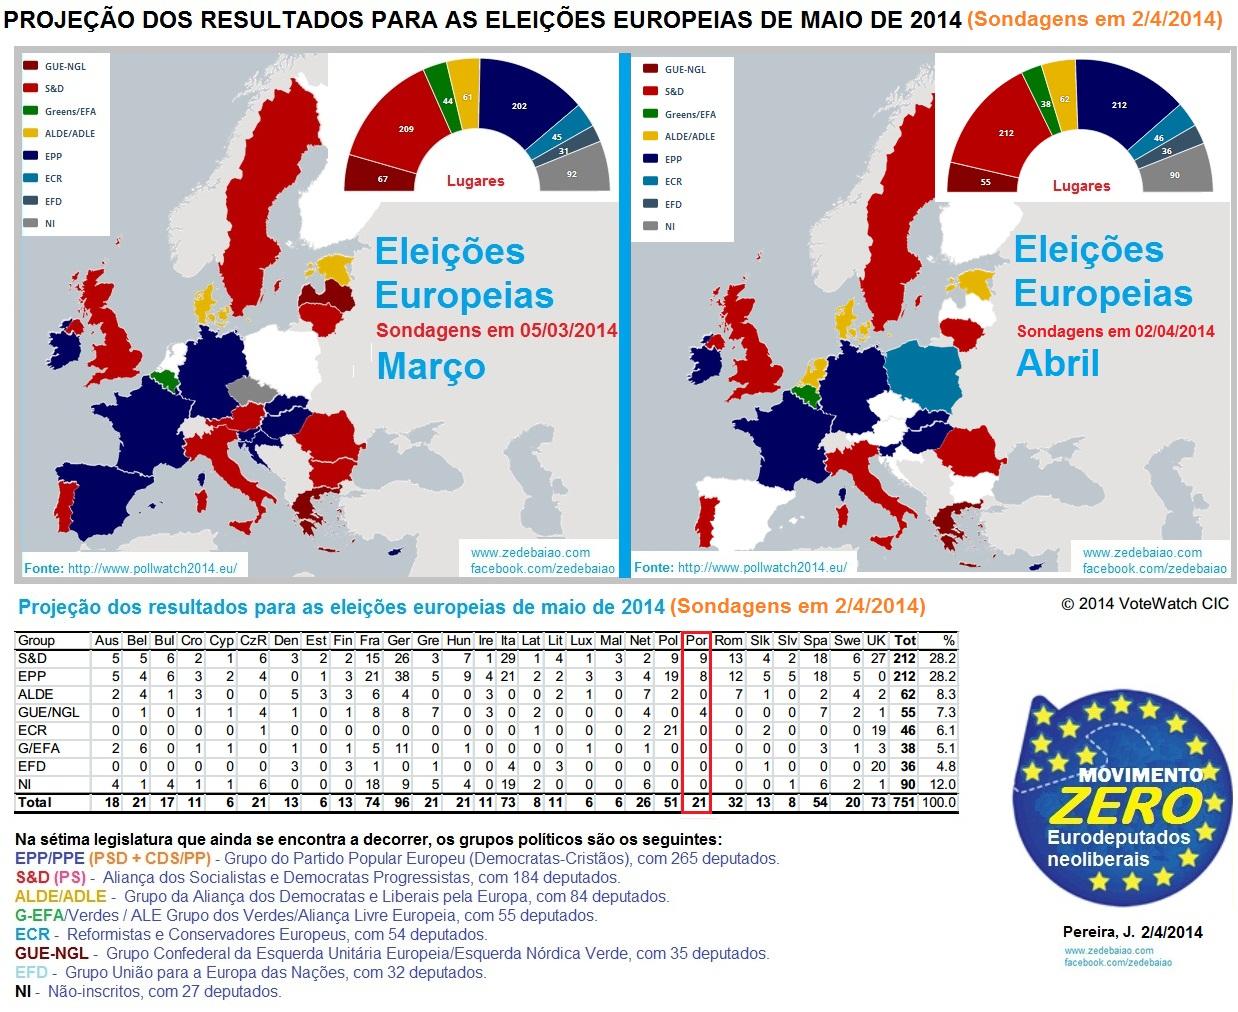 sondagens eleições europeias 2014 ps psd socialistas